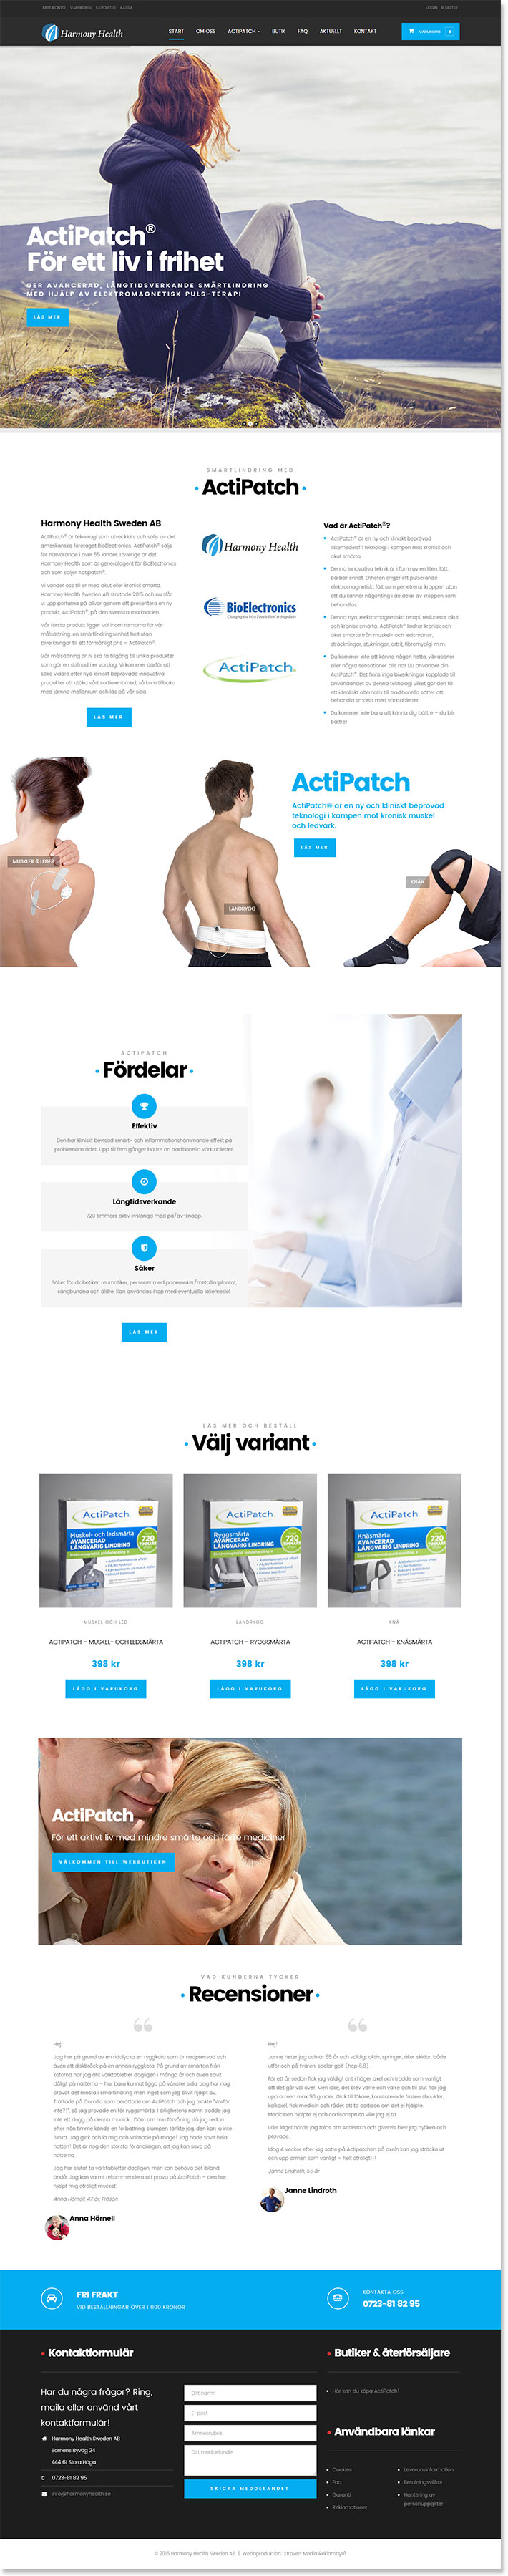 Ny webbsida till Harmony Health, generalagent för Actipatch i Sverige, gjord av Xtrovert Media Reklambyrå.